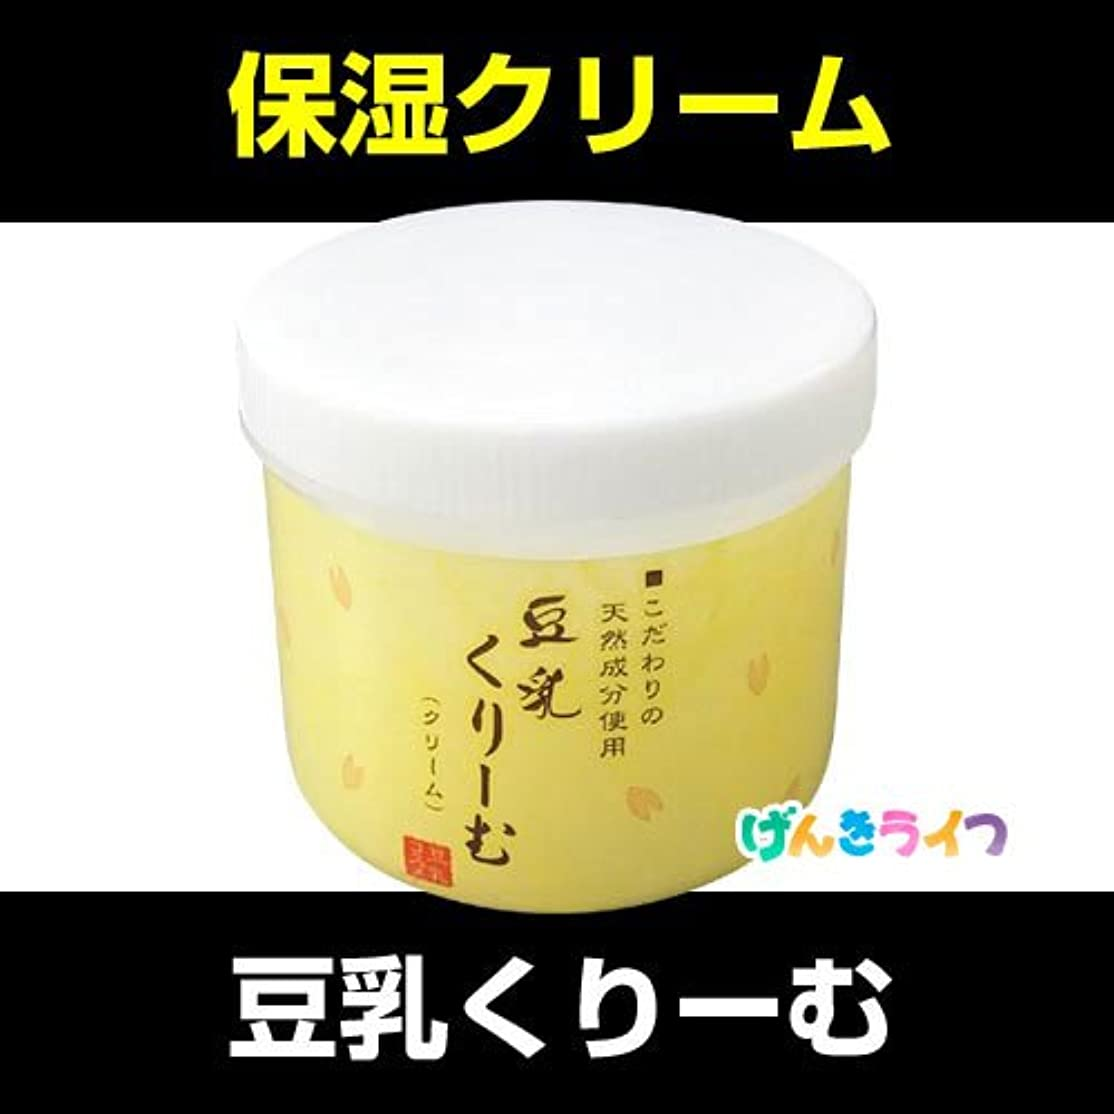 吉野ふじや謹製 とうにゅうくりーむ(豆乳クリーム)【3個】